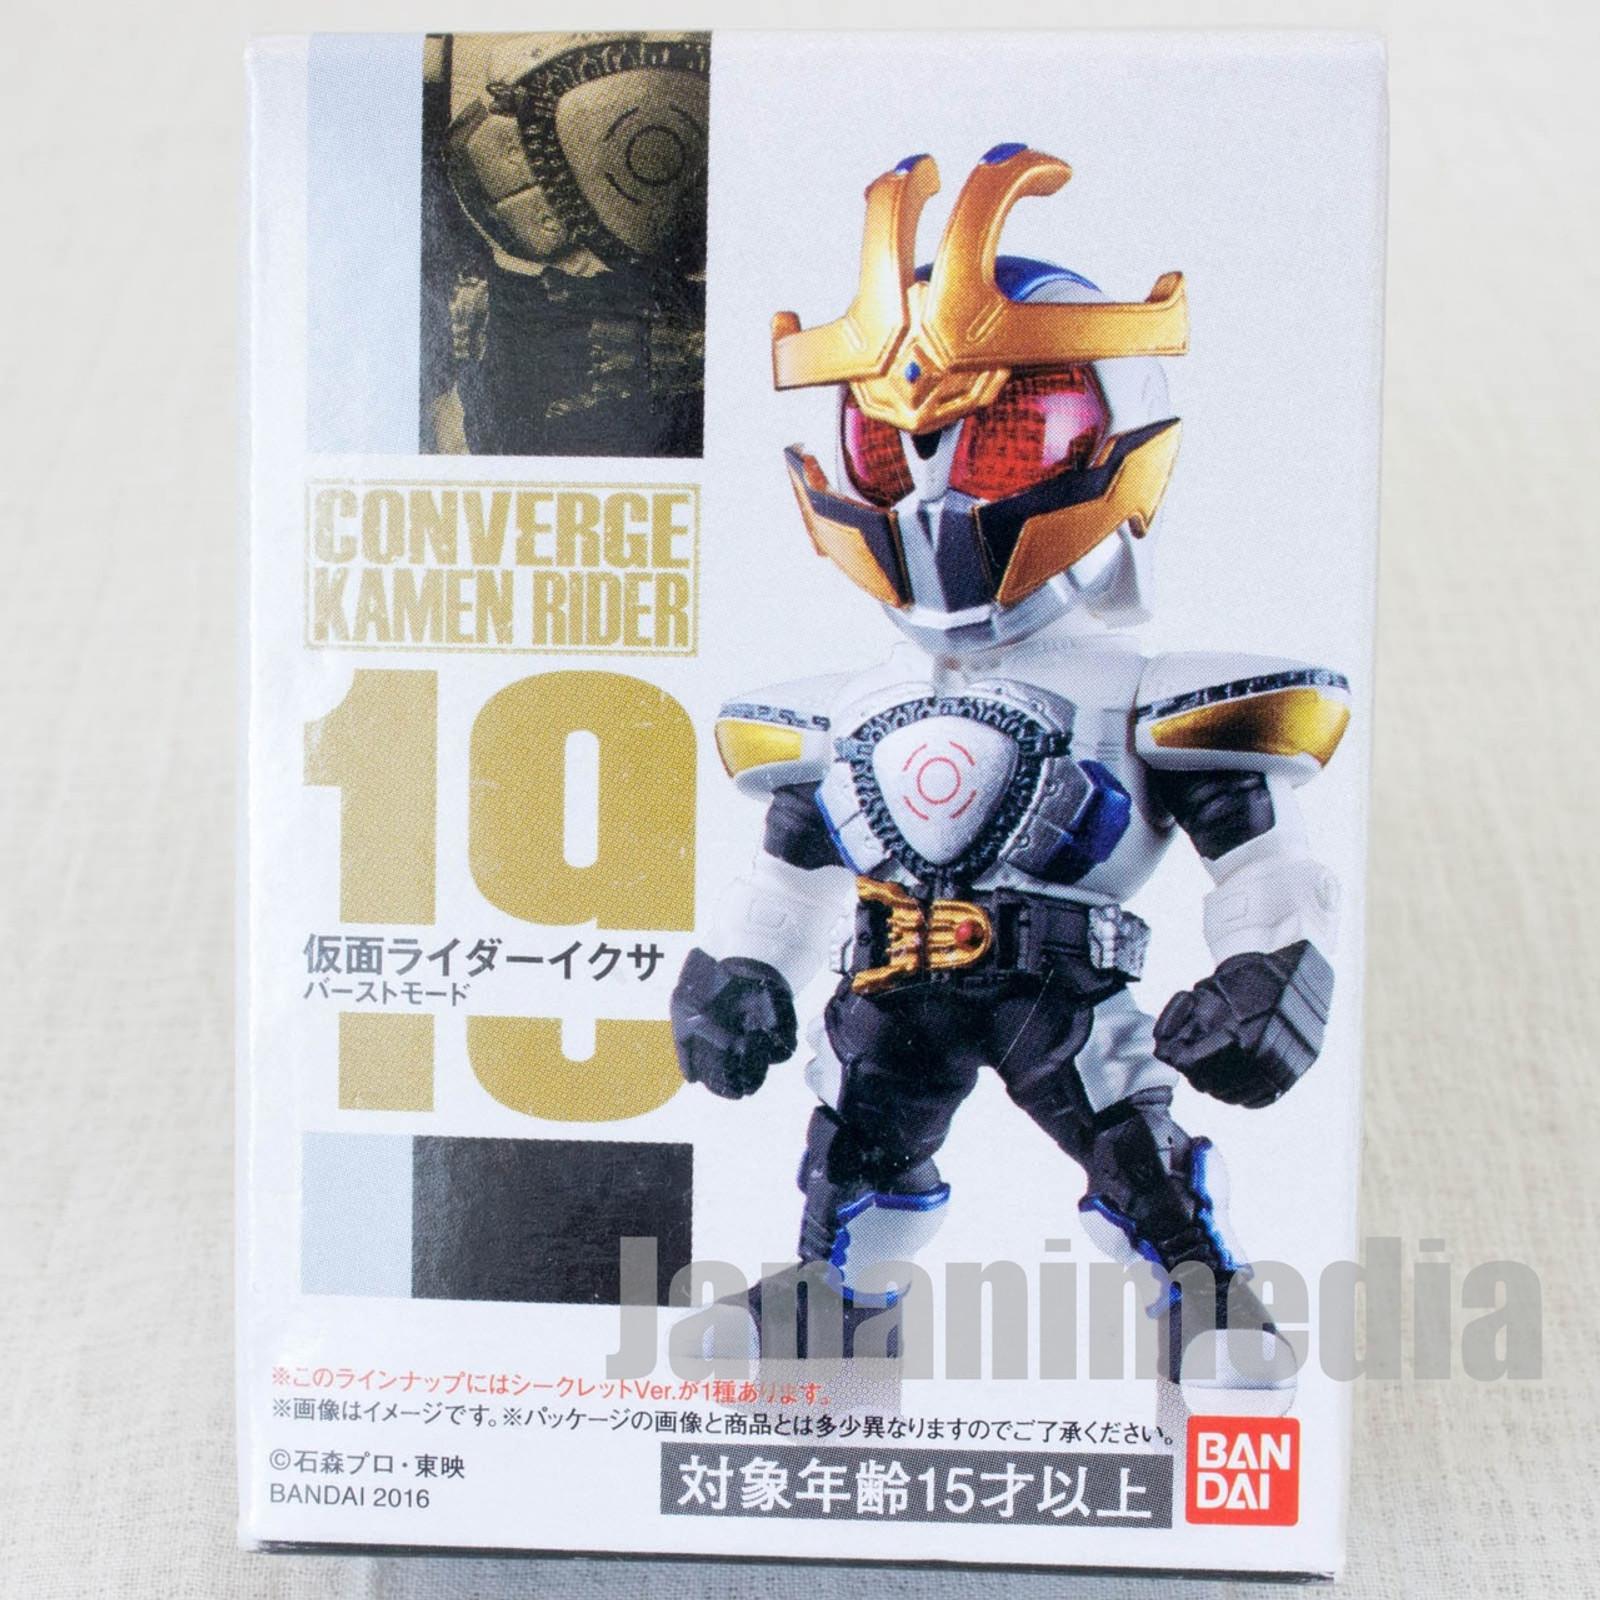 Kamen Rider Kiva Converge Kamen Rider #18 Mini Figure Bandai JAPAN TOKUSATSU